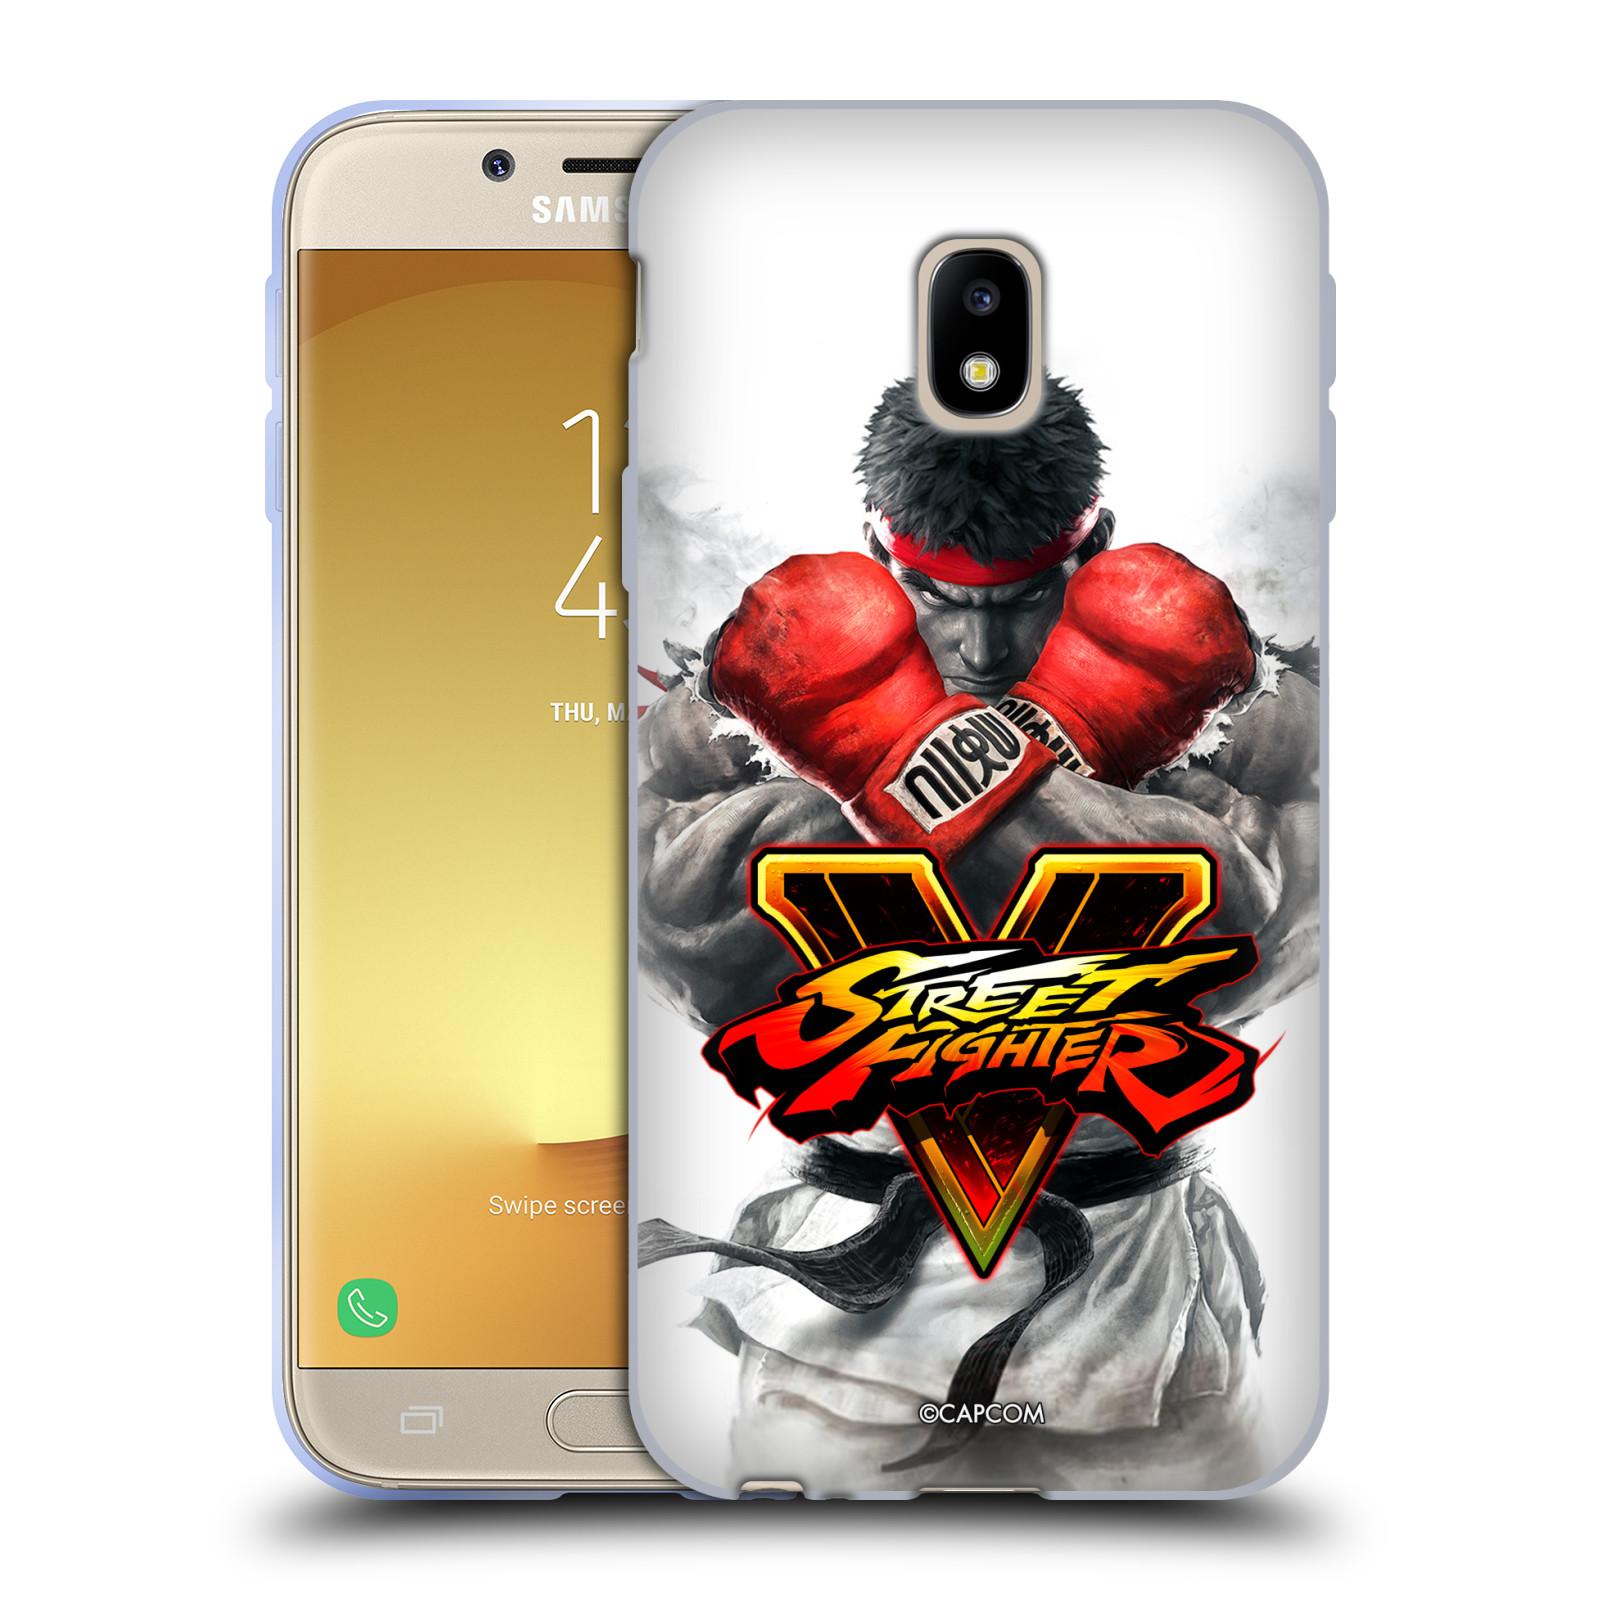 HEAD CASE silikonový obal na mobil Samsung Galaxy J3 2017 (J330, J330F) oficiální kryt STREET FIGHTER Boxer Ryu